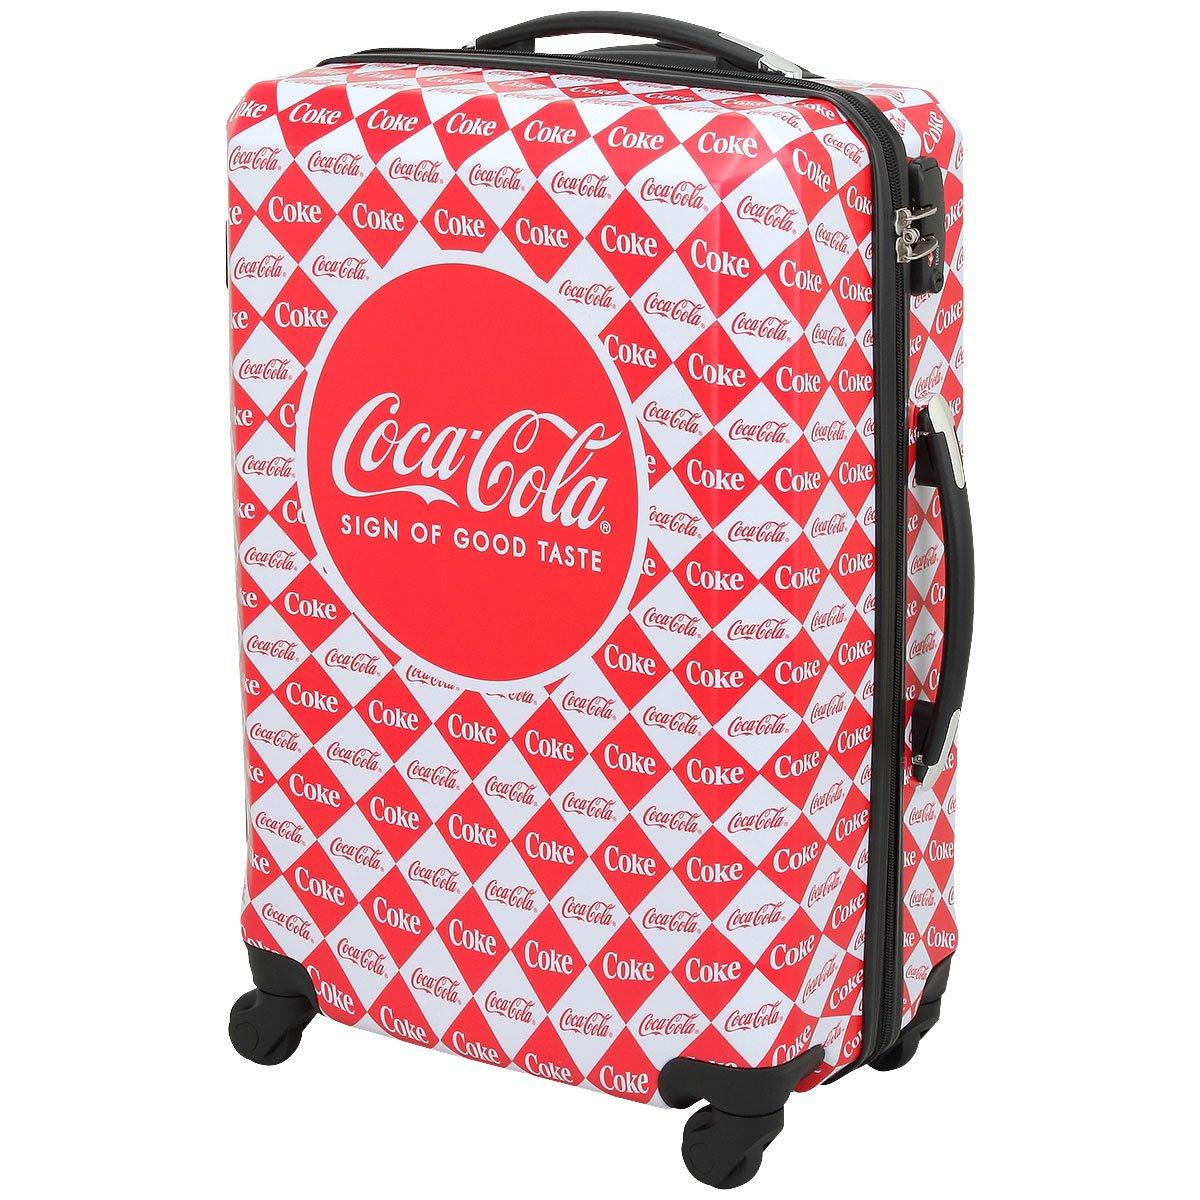 Coca-Cola(コカコーラ) 軽量スーツケース チェック柄 ホワイト×レッド 62L   B077V1VDSG